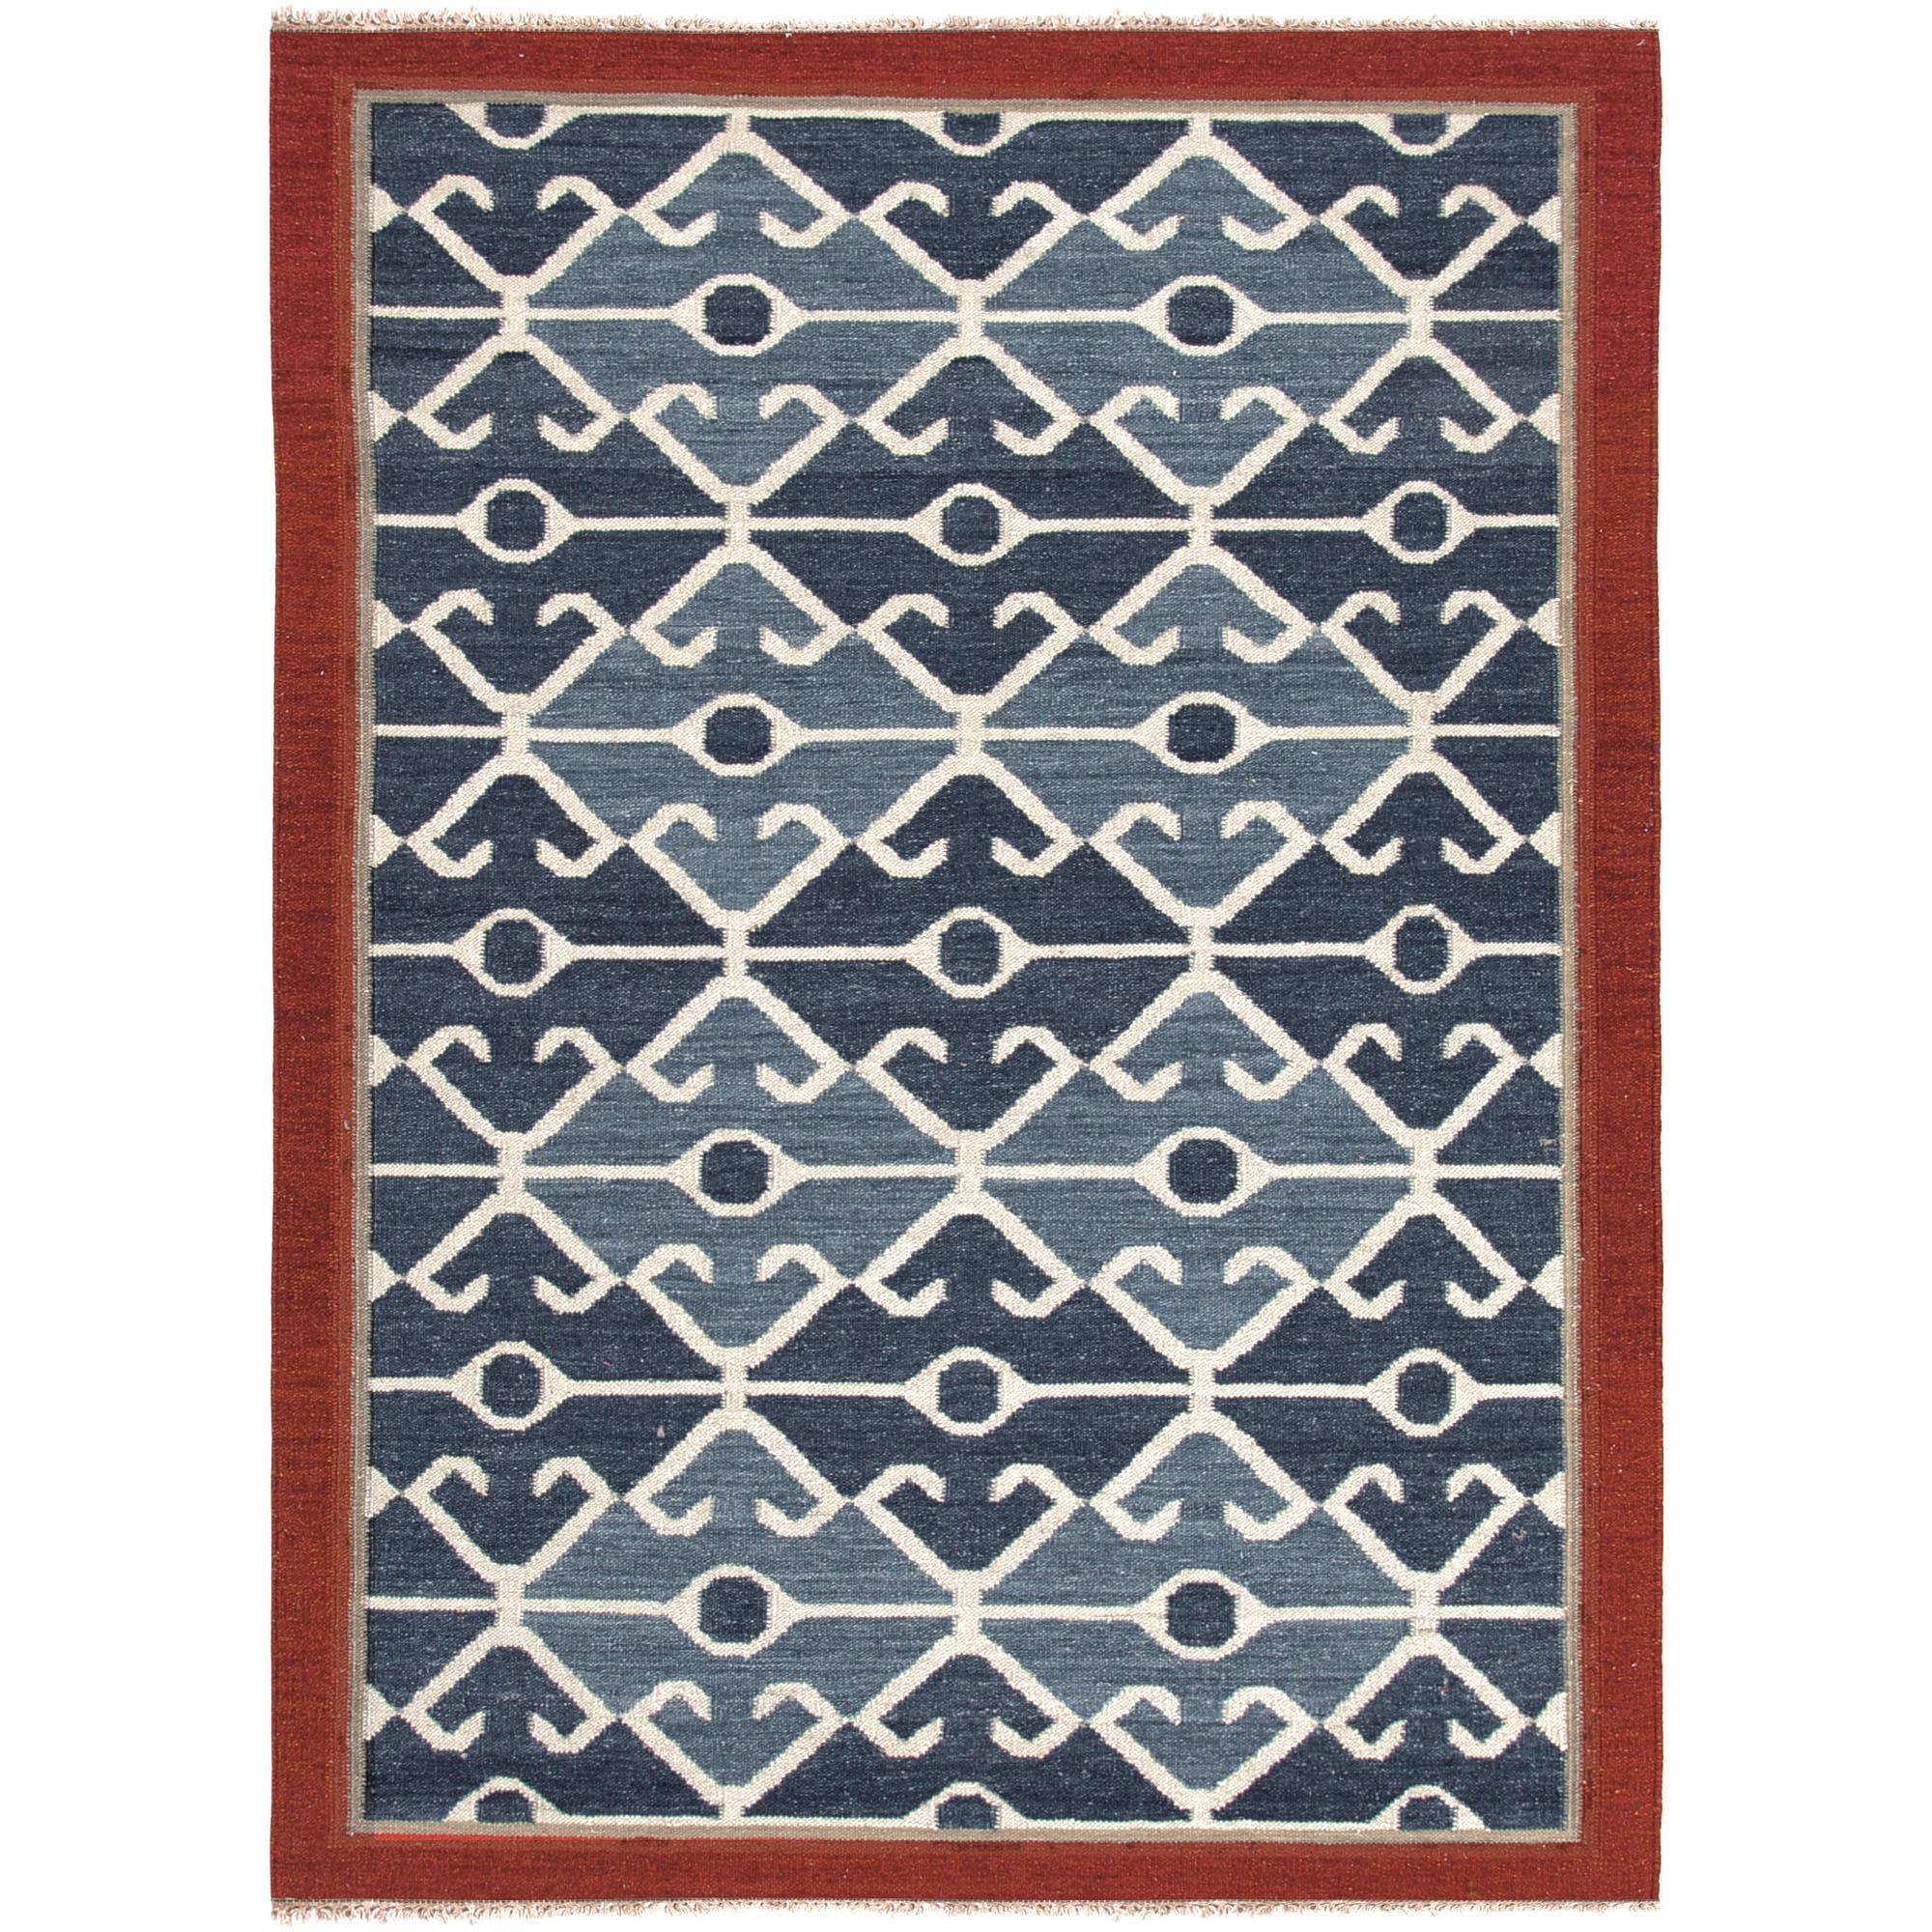 JAIPUR Rugs Anatolia 2 x 3 Rug - Item Number: RUG100180